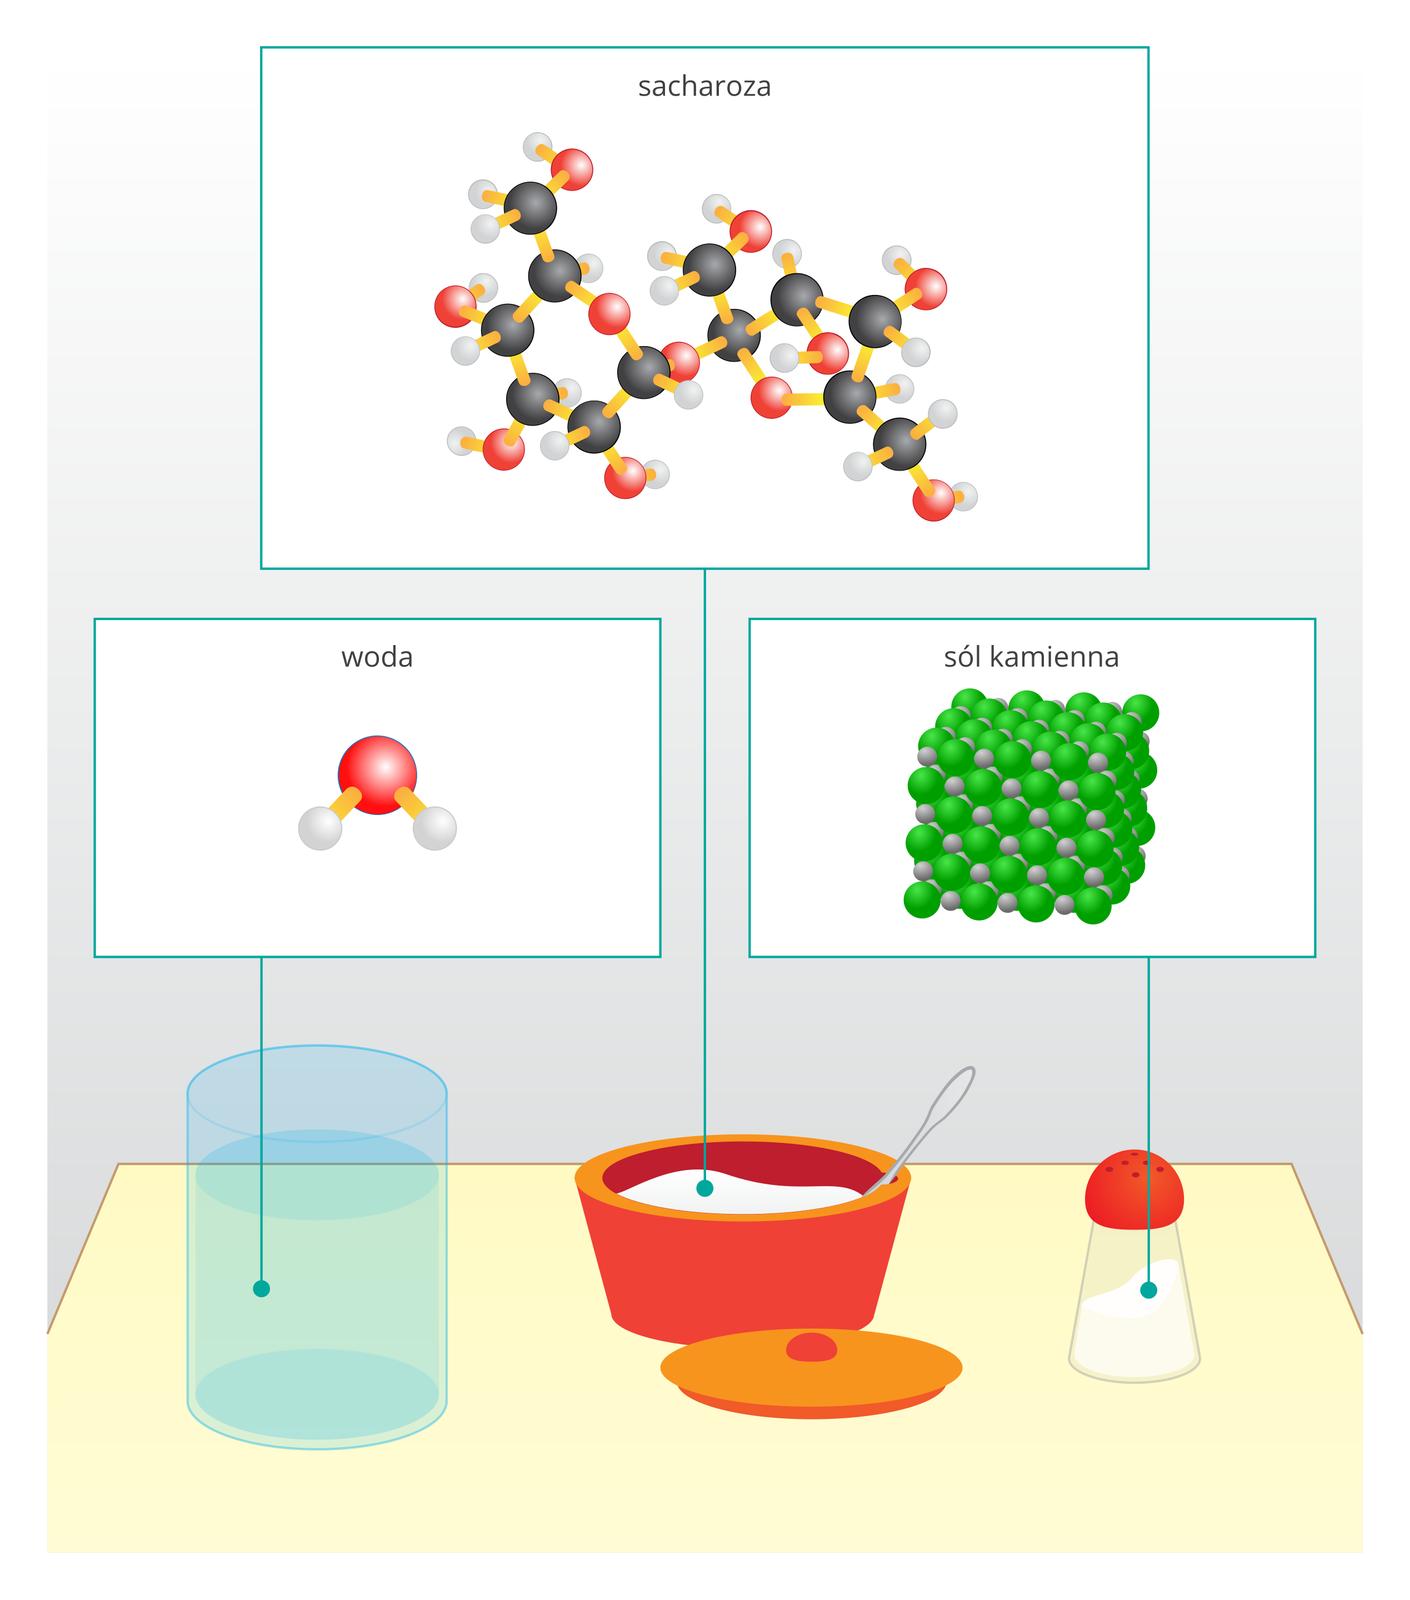 Ilustracja przedstawia rysunek typowego stołu lub stolika wraz zzawartością. Od lewej szklanka wody, cukierniczka złyżeczką imała solniczka. Od każdego ztrzech przedmiotów prowadzą wgórę linie aż do białych prostokątów, wktórych narysowane są trójwymiarowe modele cząsteczek lub układów cząsteczek tych substancji oraz ich nazwa. Najprostsza jest woda zaprezentowana wpostaci pojedynczej cząsteczki złożonej zatomu tlenu (czerwona kulka) idwóch atomów wodoru (kulki szare). Model cząsteczki sacharozy, będącej głównym składnikiem cukru, jest znacznie bardziej skomplikowany. Oś podłużnej, zakręconej cząsteczki stanowią atomy węgla (kulki czarne), które wdwóch miejscach układają się wkilkuatomowe pierścienie domknięte atomem tlenu. Same pierścienie połączone są ze sobą jeszcze jednym atomem tlenu. Wmiejscach wolnych wiązań przy atomach węgla pojawiają się atomy wodoru lub układy złożone zwodoru itlenu. Trzecia licząc od lewej cząsteczka to sól kamienna, czyli chlorek sodu. Zuwagi na obecność wniej wiązań jonowych przedstawiona jest ona wpostaci modelu krystalicznego gdzie przestrzeń okształcie sześcianu wypełniona jest siecią atomów chloru (kulki zielone) oraz sodu (kulki szare) pozostających ze sobą wukładzie powiązań.